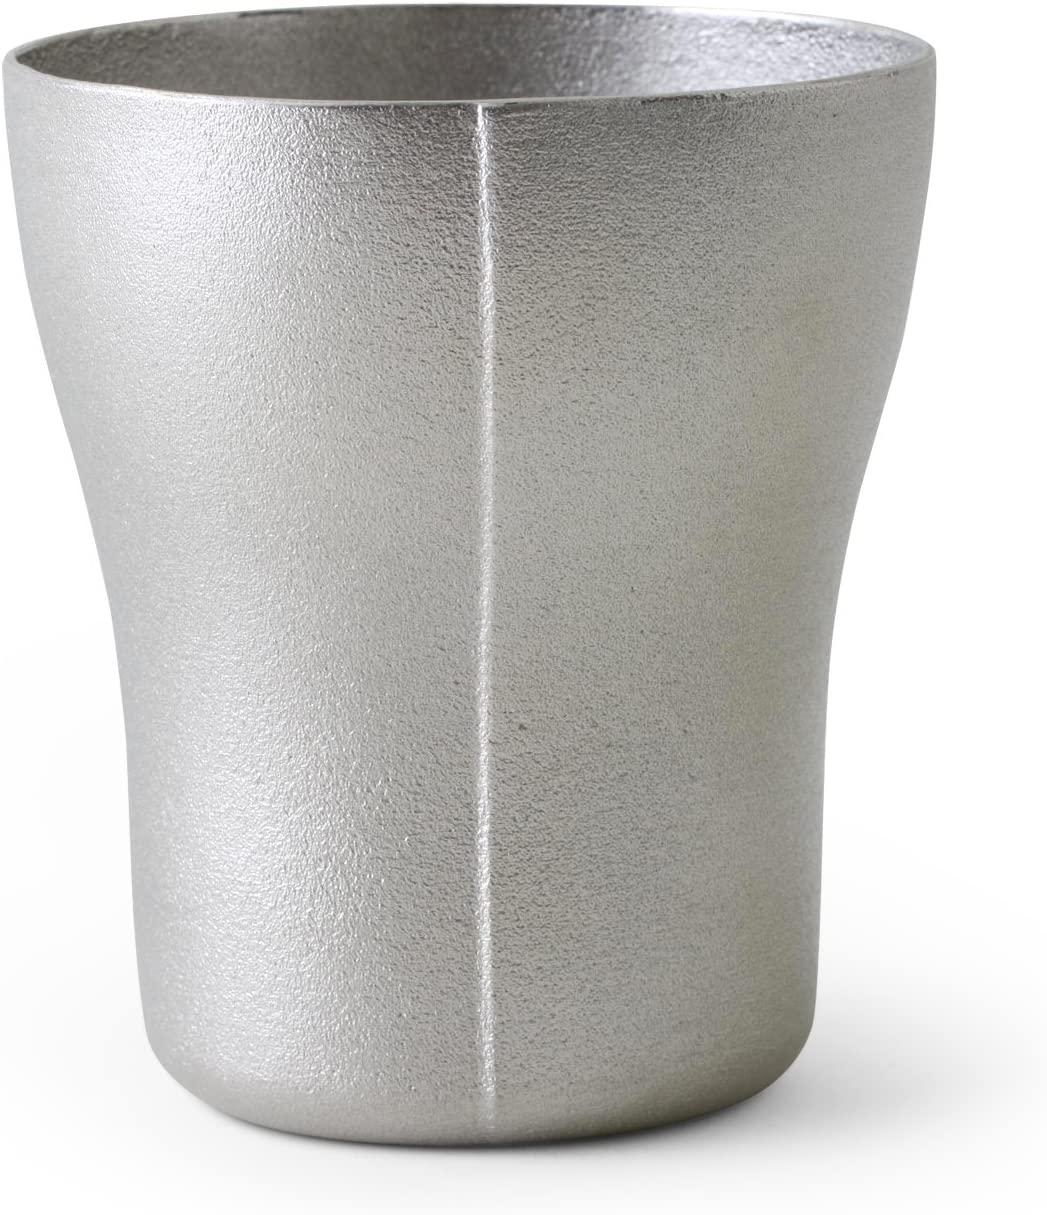 SHIROKANE 錫のビアカップ キングの商品画像